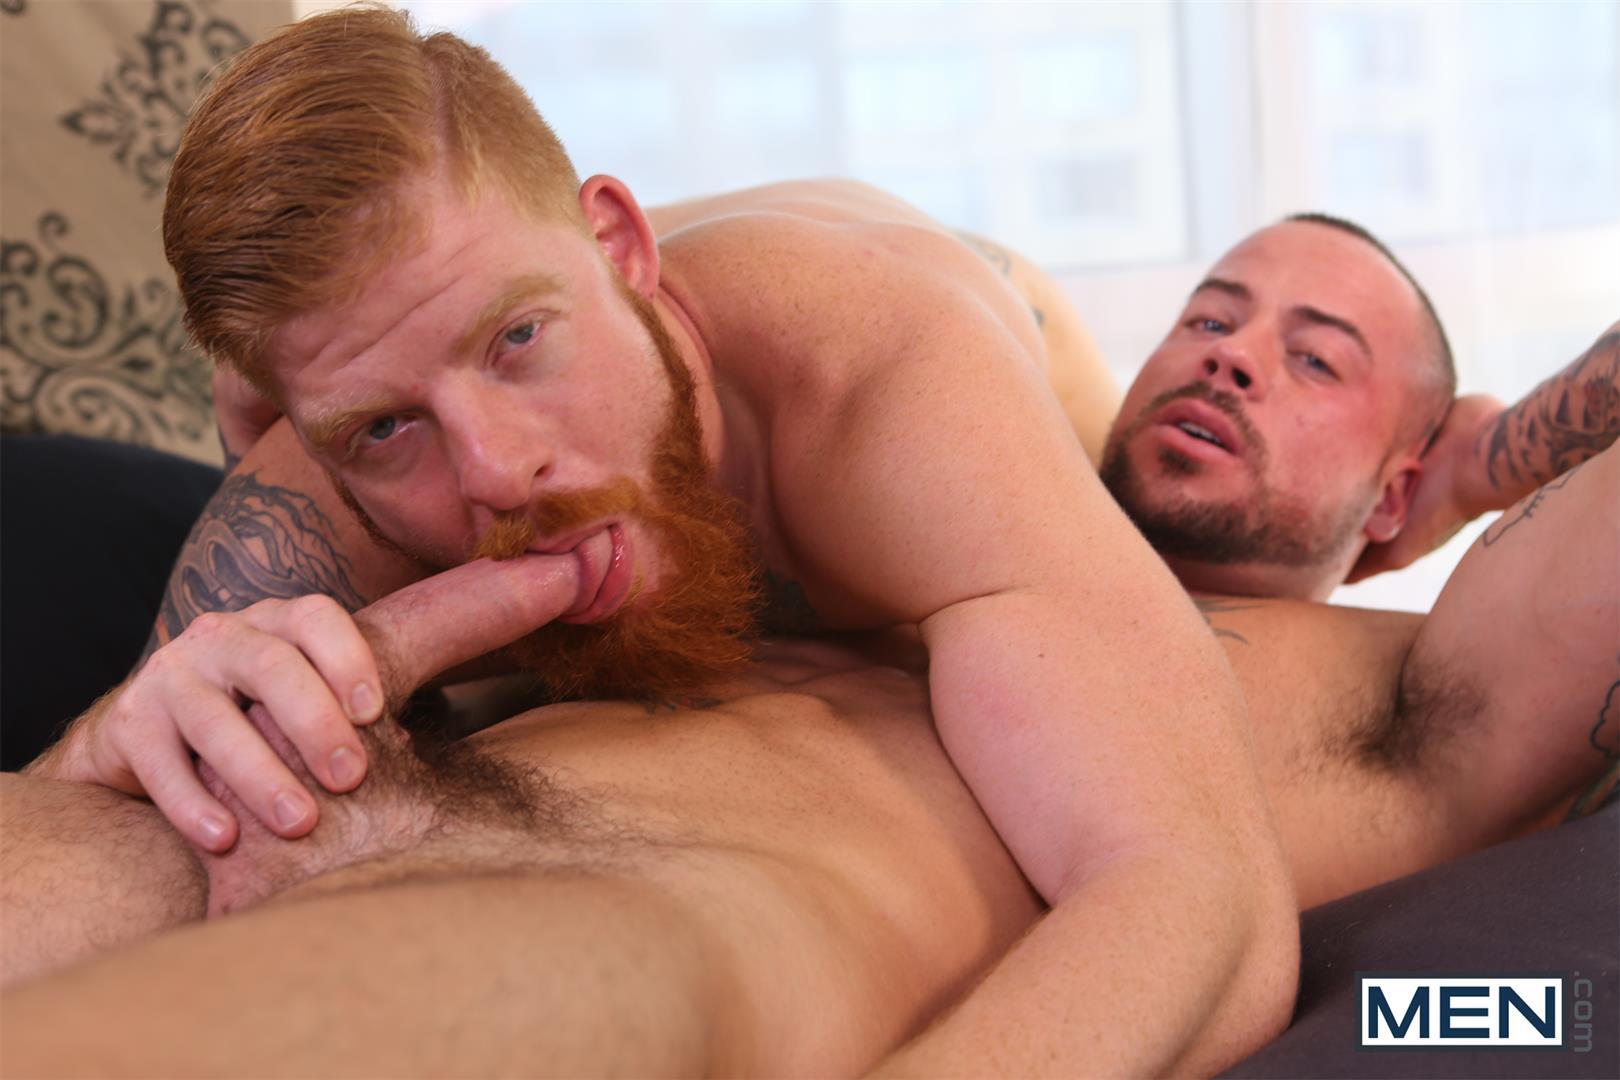 Something is. redhead boys and big dicks explain